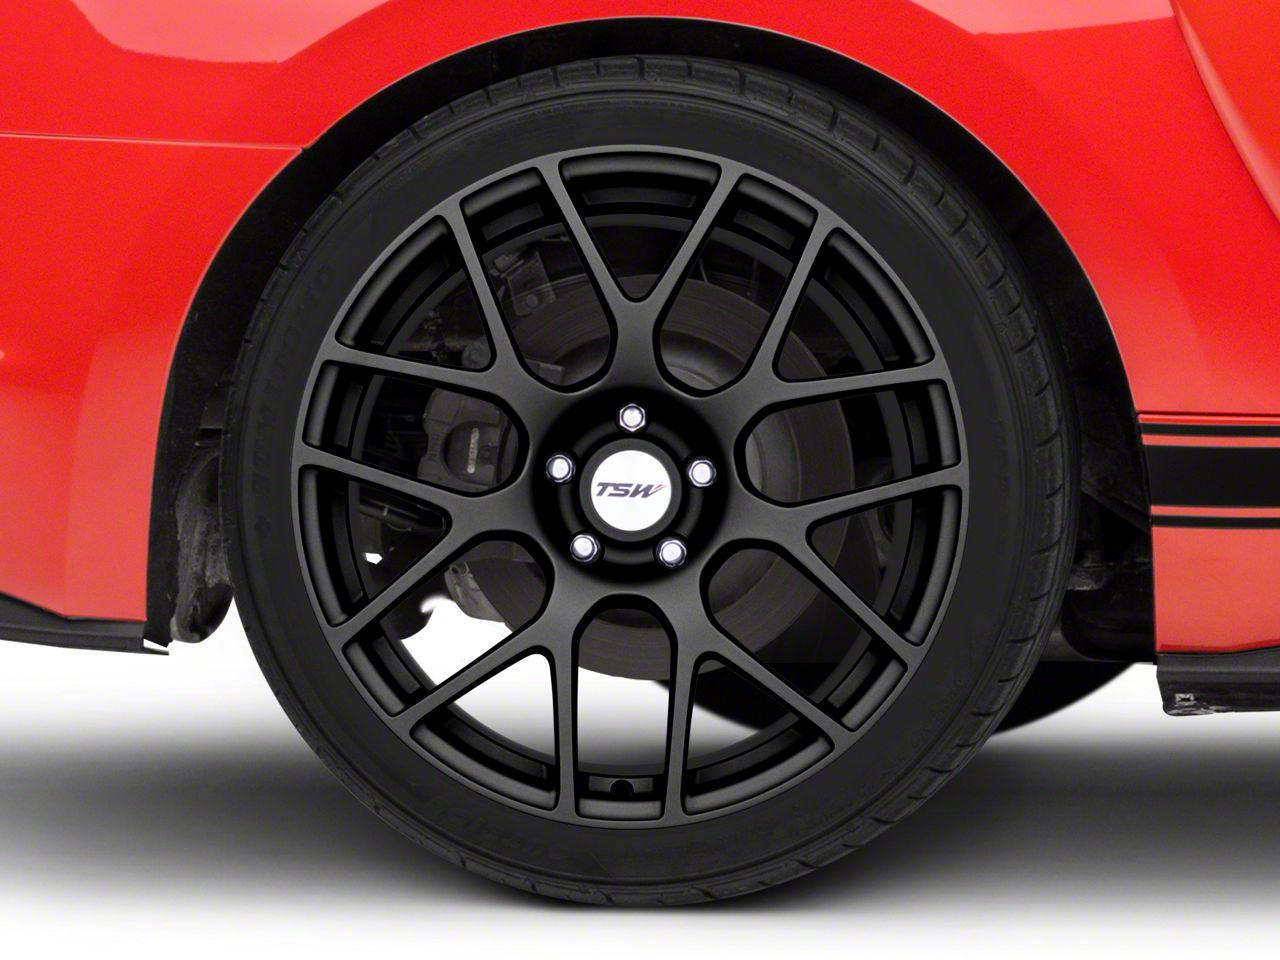 TSW Nurburgring Matte Gunmetal Wheel - 19x10.5 (15-19 All)